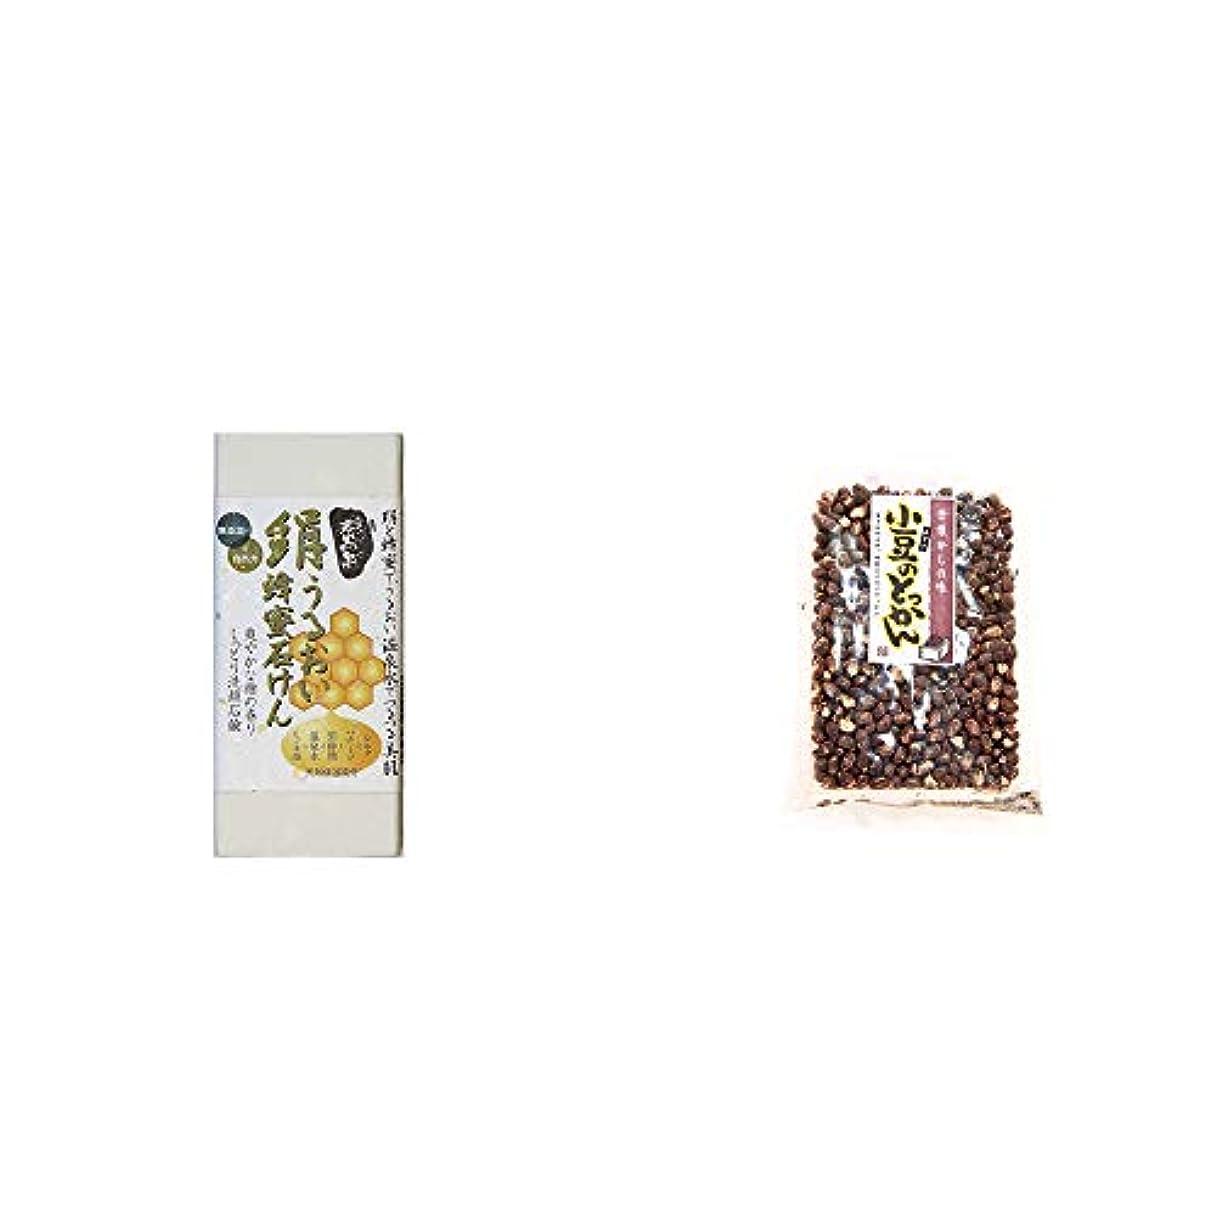 論争チーフ誇張[2点セット] ひのき炭黒泉 絹うるおい蜂蜜石けん(75g×2)?小豆のとっかん(150g)